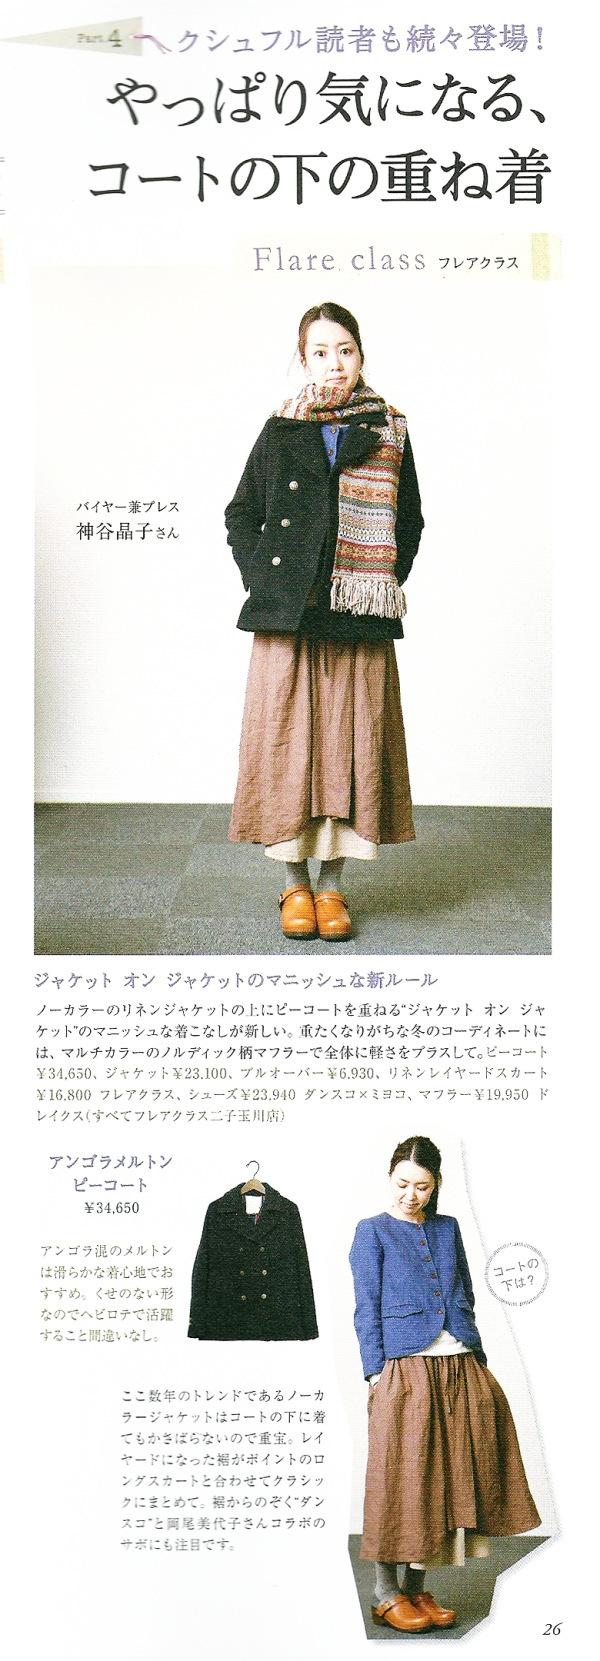 クシュフルVol.14掲載 ダンスコと岡尾美代子さんの限定コラボサボ